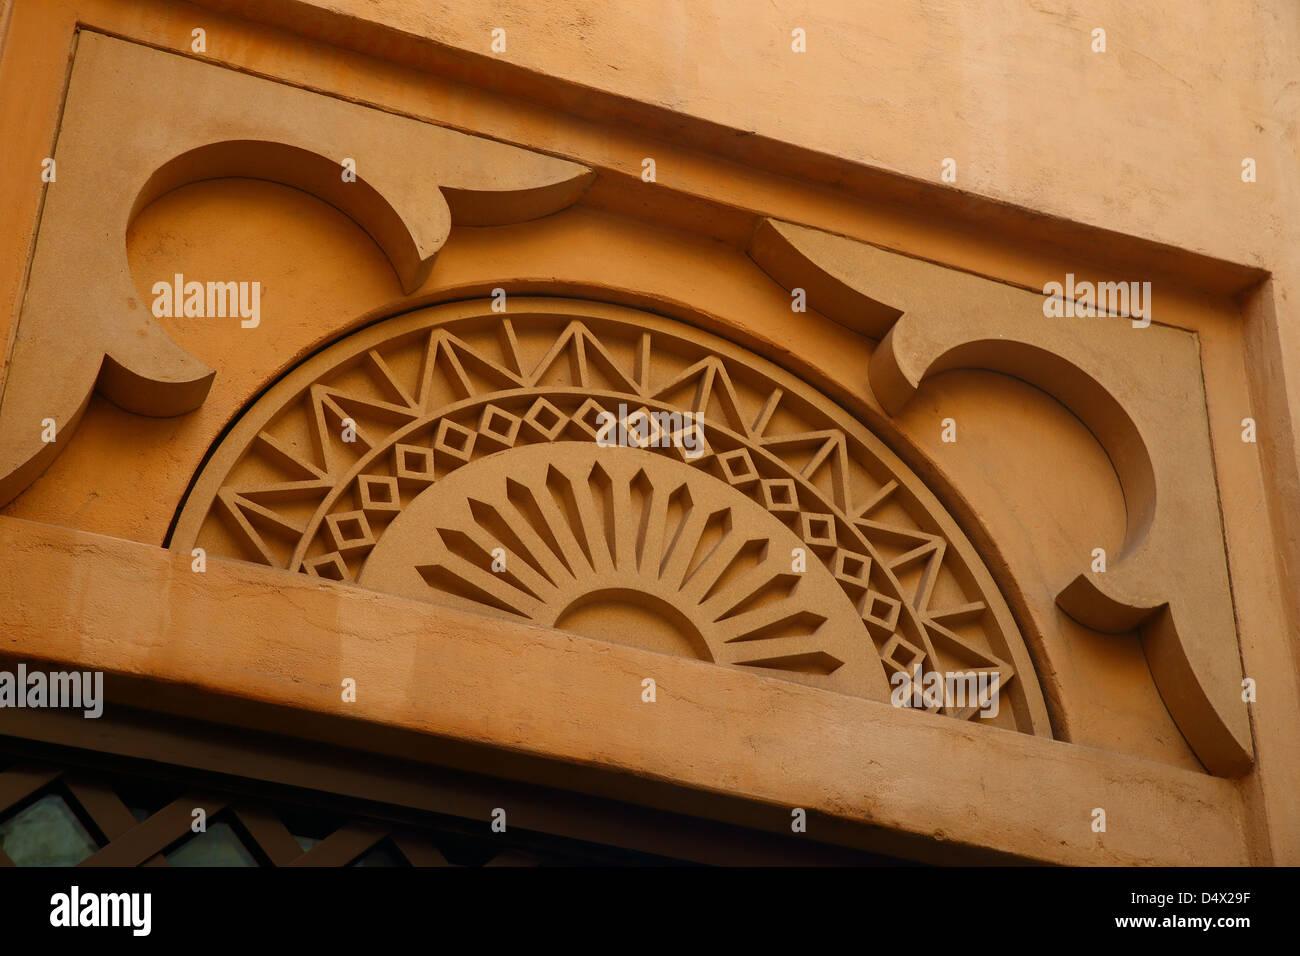 Detalle arquitectónico en el zoco Madinat Jumeirah, Dubai, Emiratos Árabes Unidos. Imagen De Stock